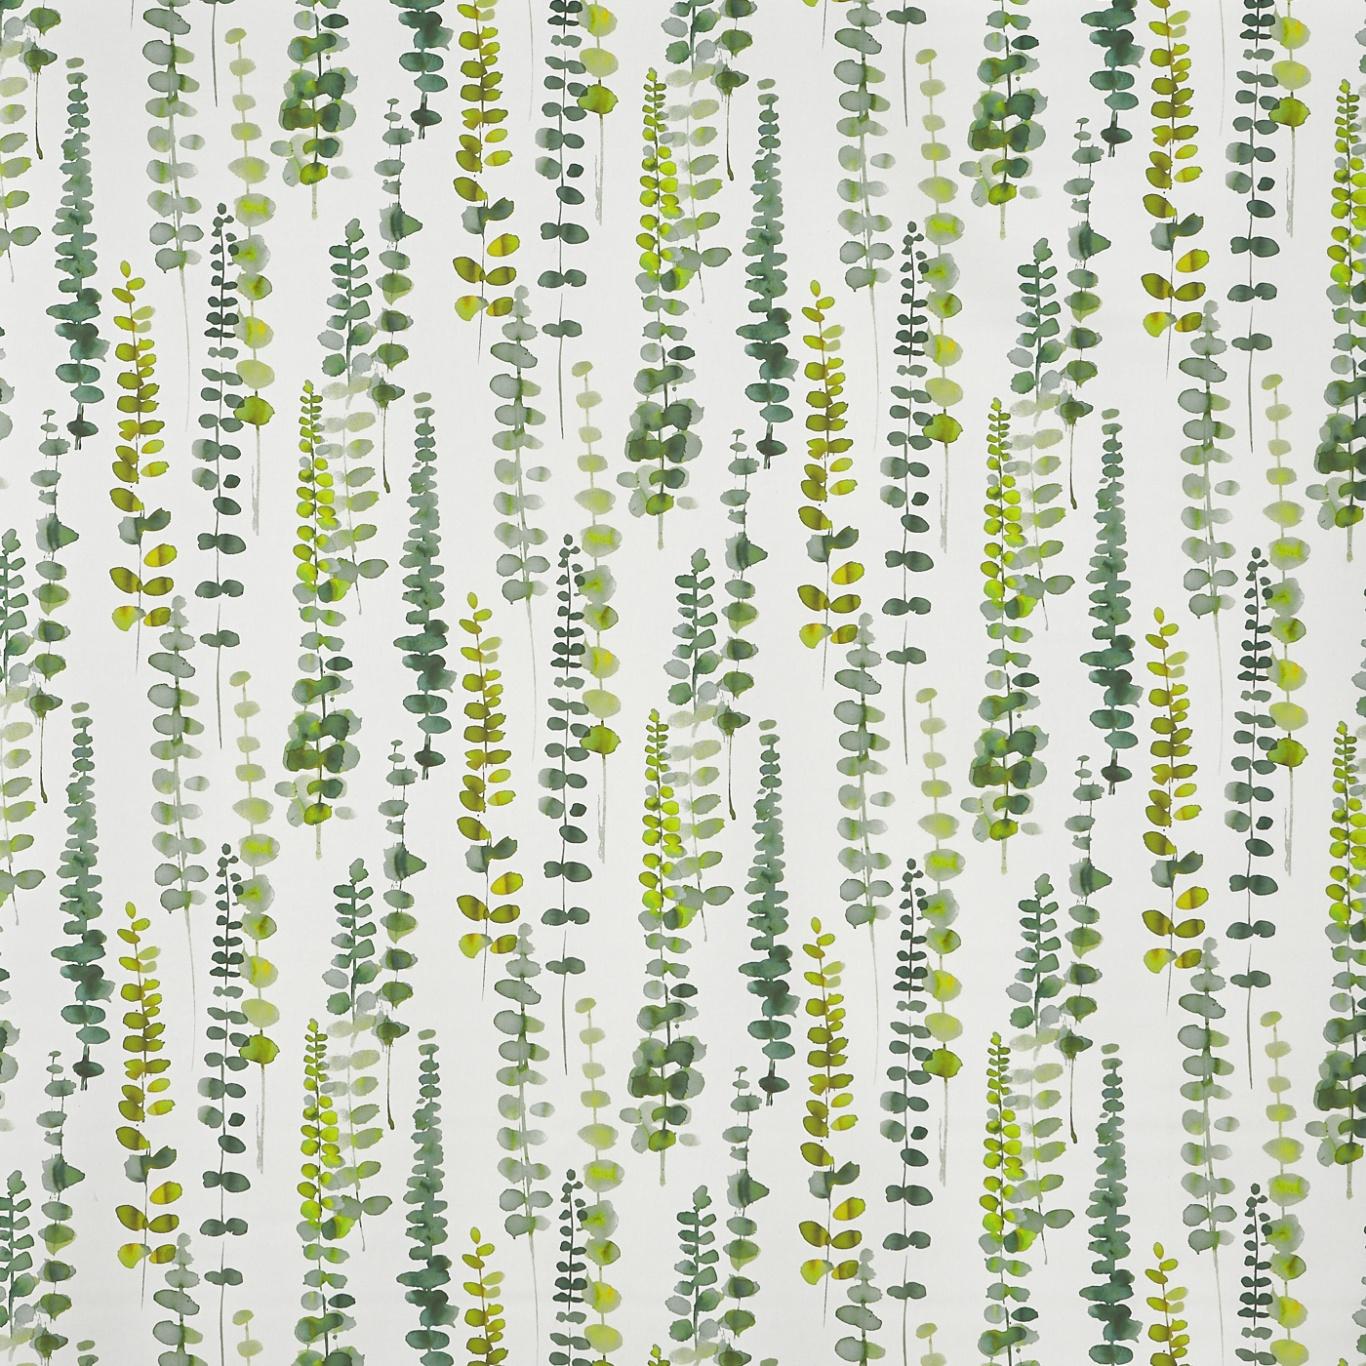 Image of Prestigious Santa Maria Cactus Fabric 8664/397